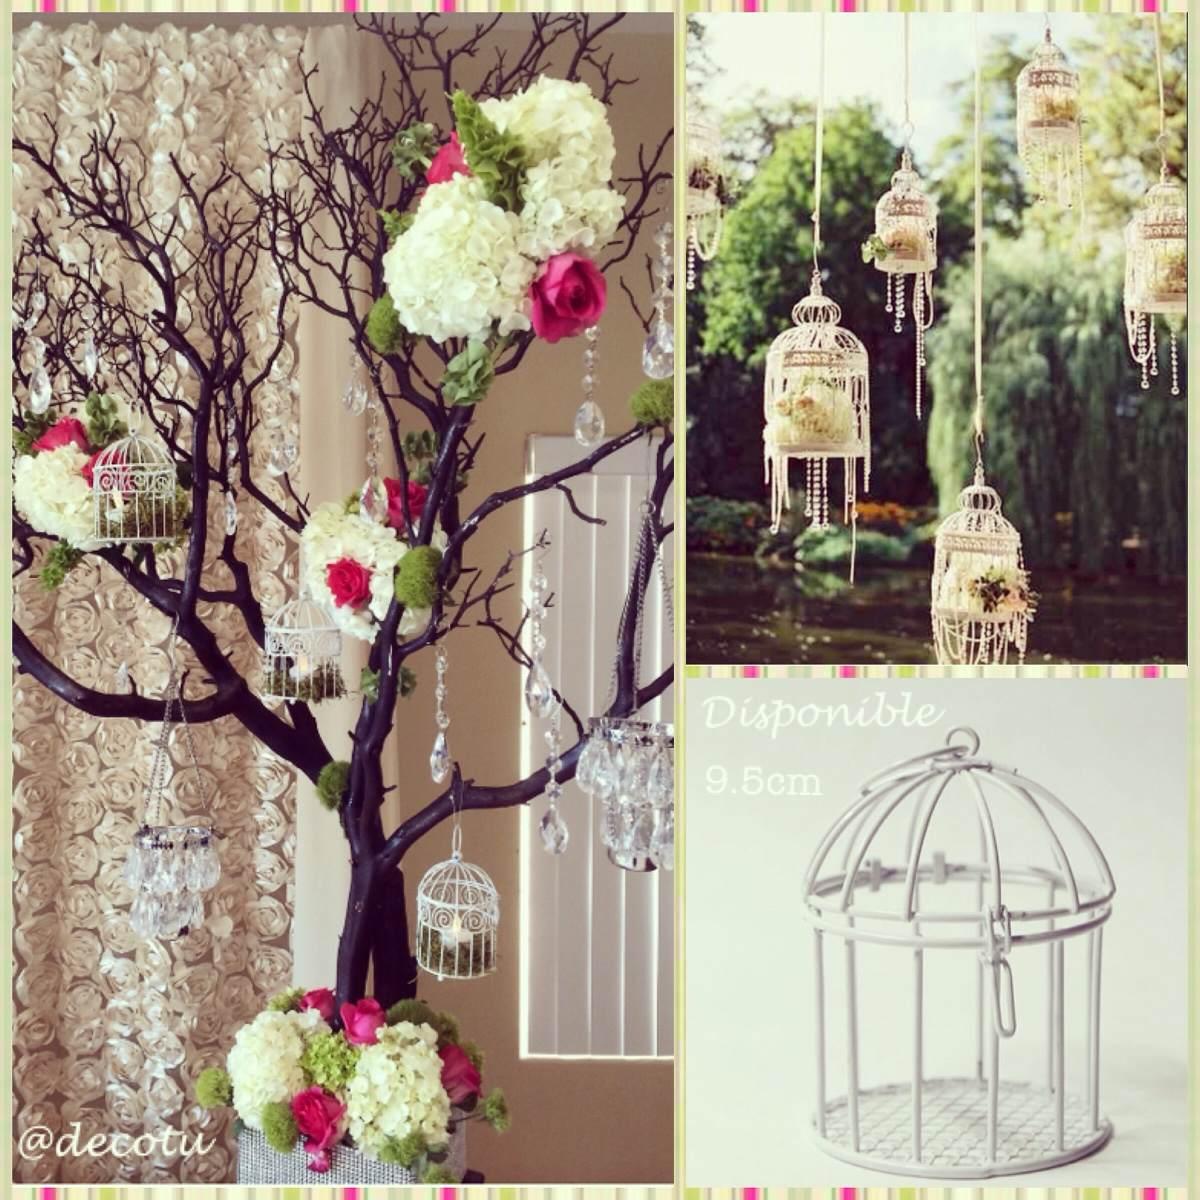 Jaula recuerdo decoraci n boda bautizo baby s vintage - Decoracion boda vintage ...